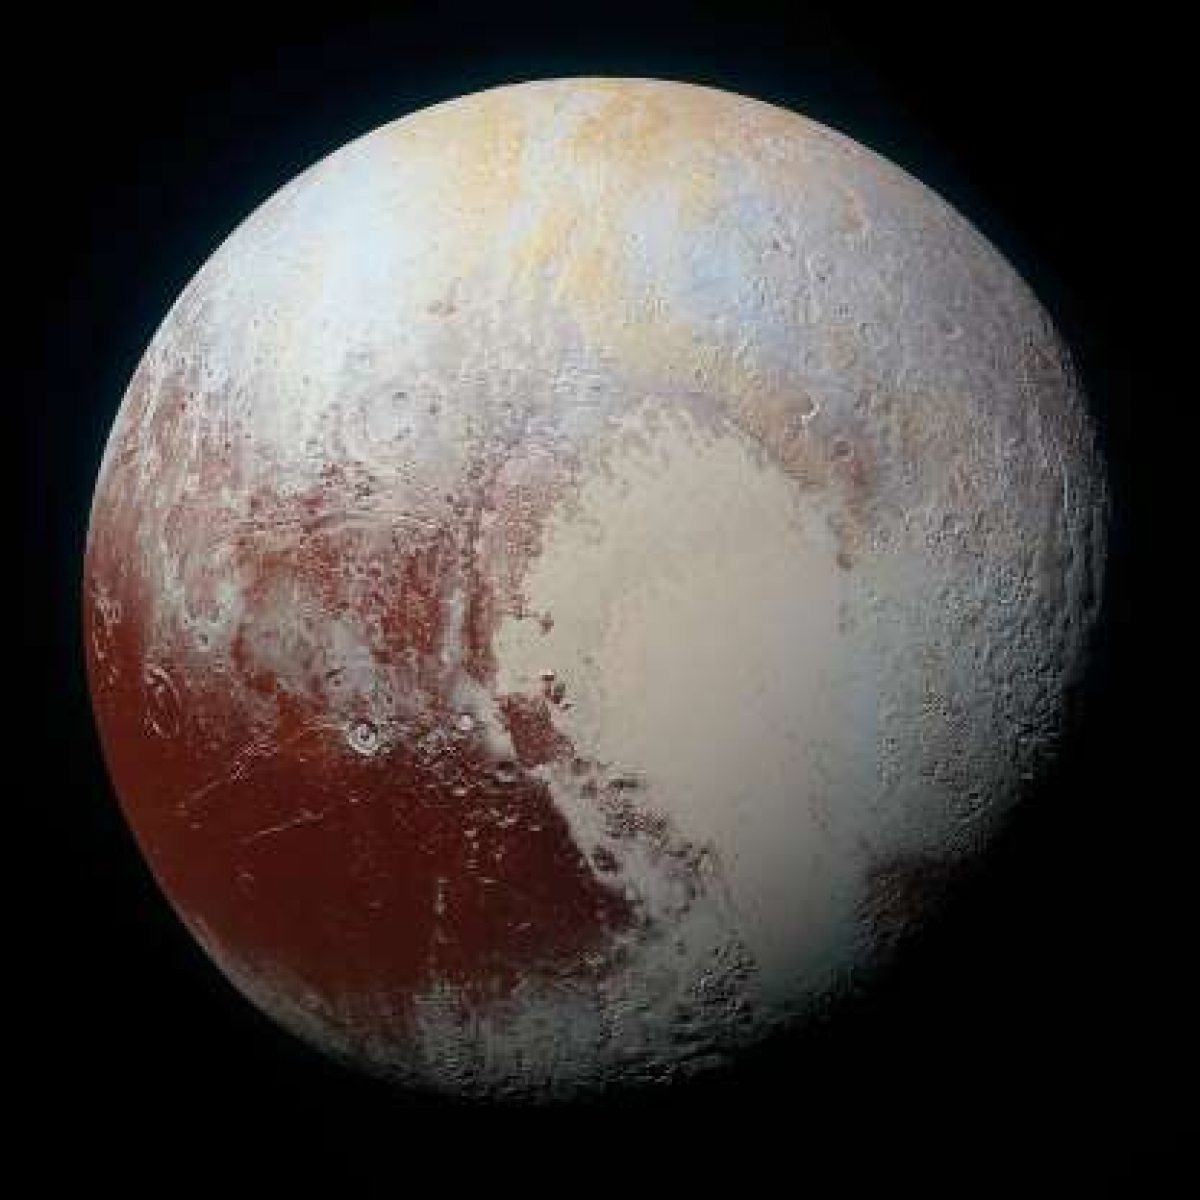 """Sao Diêm vương từng được coi là hành tinh thứ 9 trong Hệ Mặt trời nhưng năm 2006 đã bị """"giáng cấp"""" xuống chỉ còn là một """"hành tinh lùn"""". Dù thay đổi tình trạng liên tục nhưng một điều không thể phủ nhận là vẻ đẹp ngoạn mục của Sao Diêm Vương qua bức ảnh được chụp từ tàu thăm dò New Horizons của NASA."""